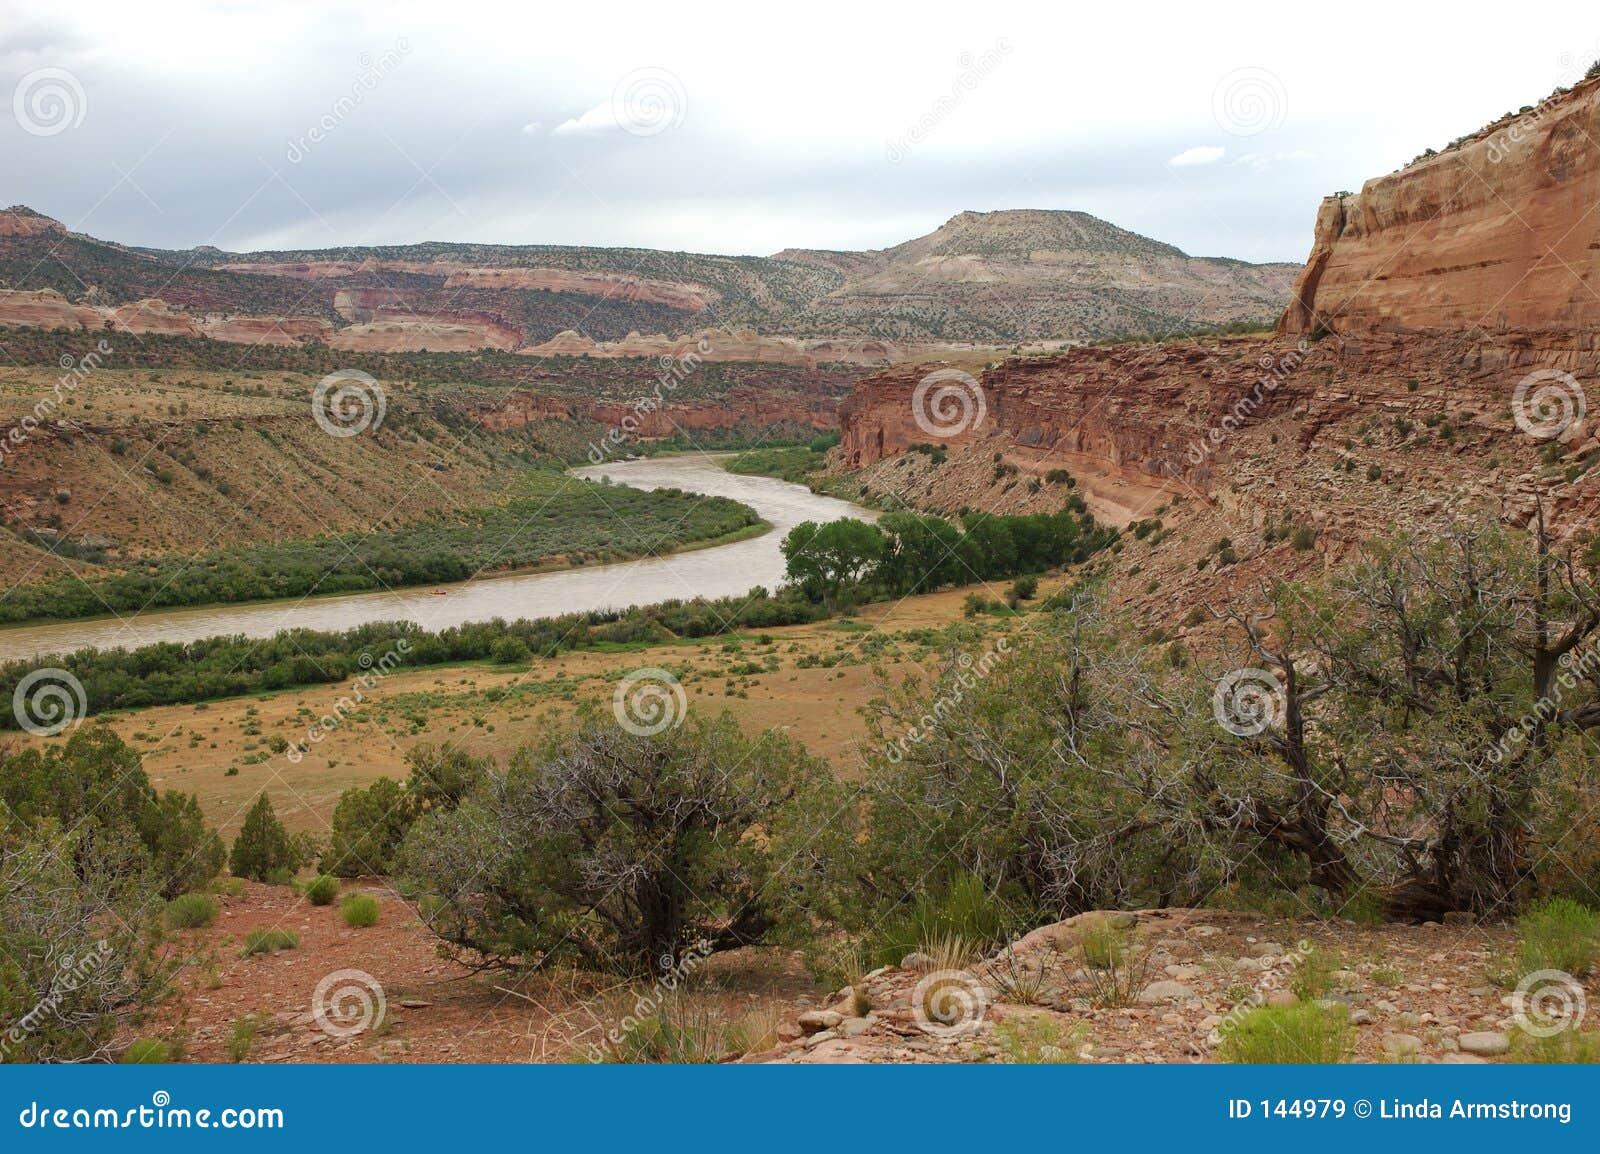 Loma niedaleko rzeki colorado